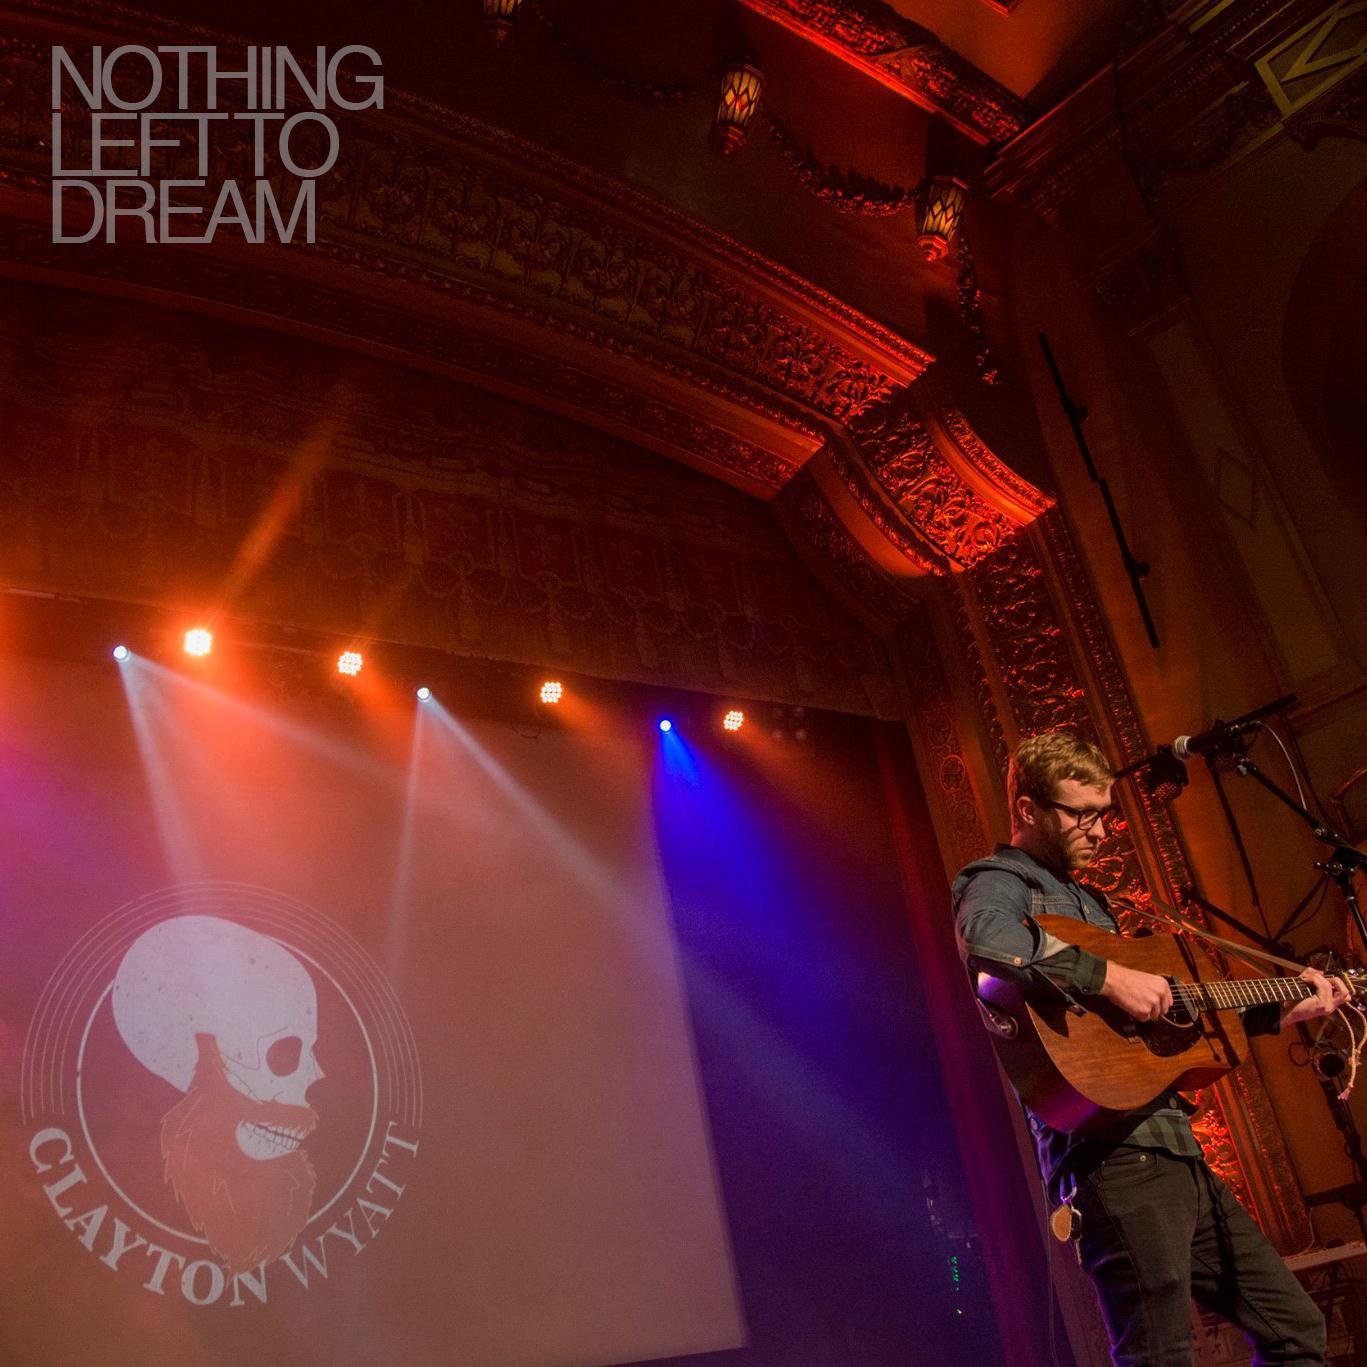 Nothing Left To Dream - Clayton Wyatt